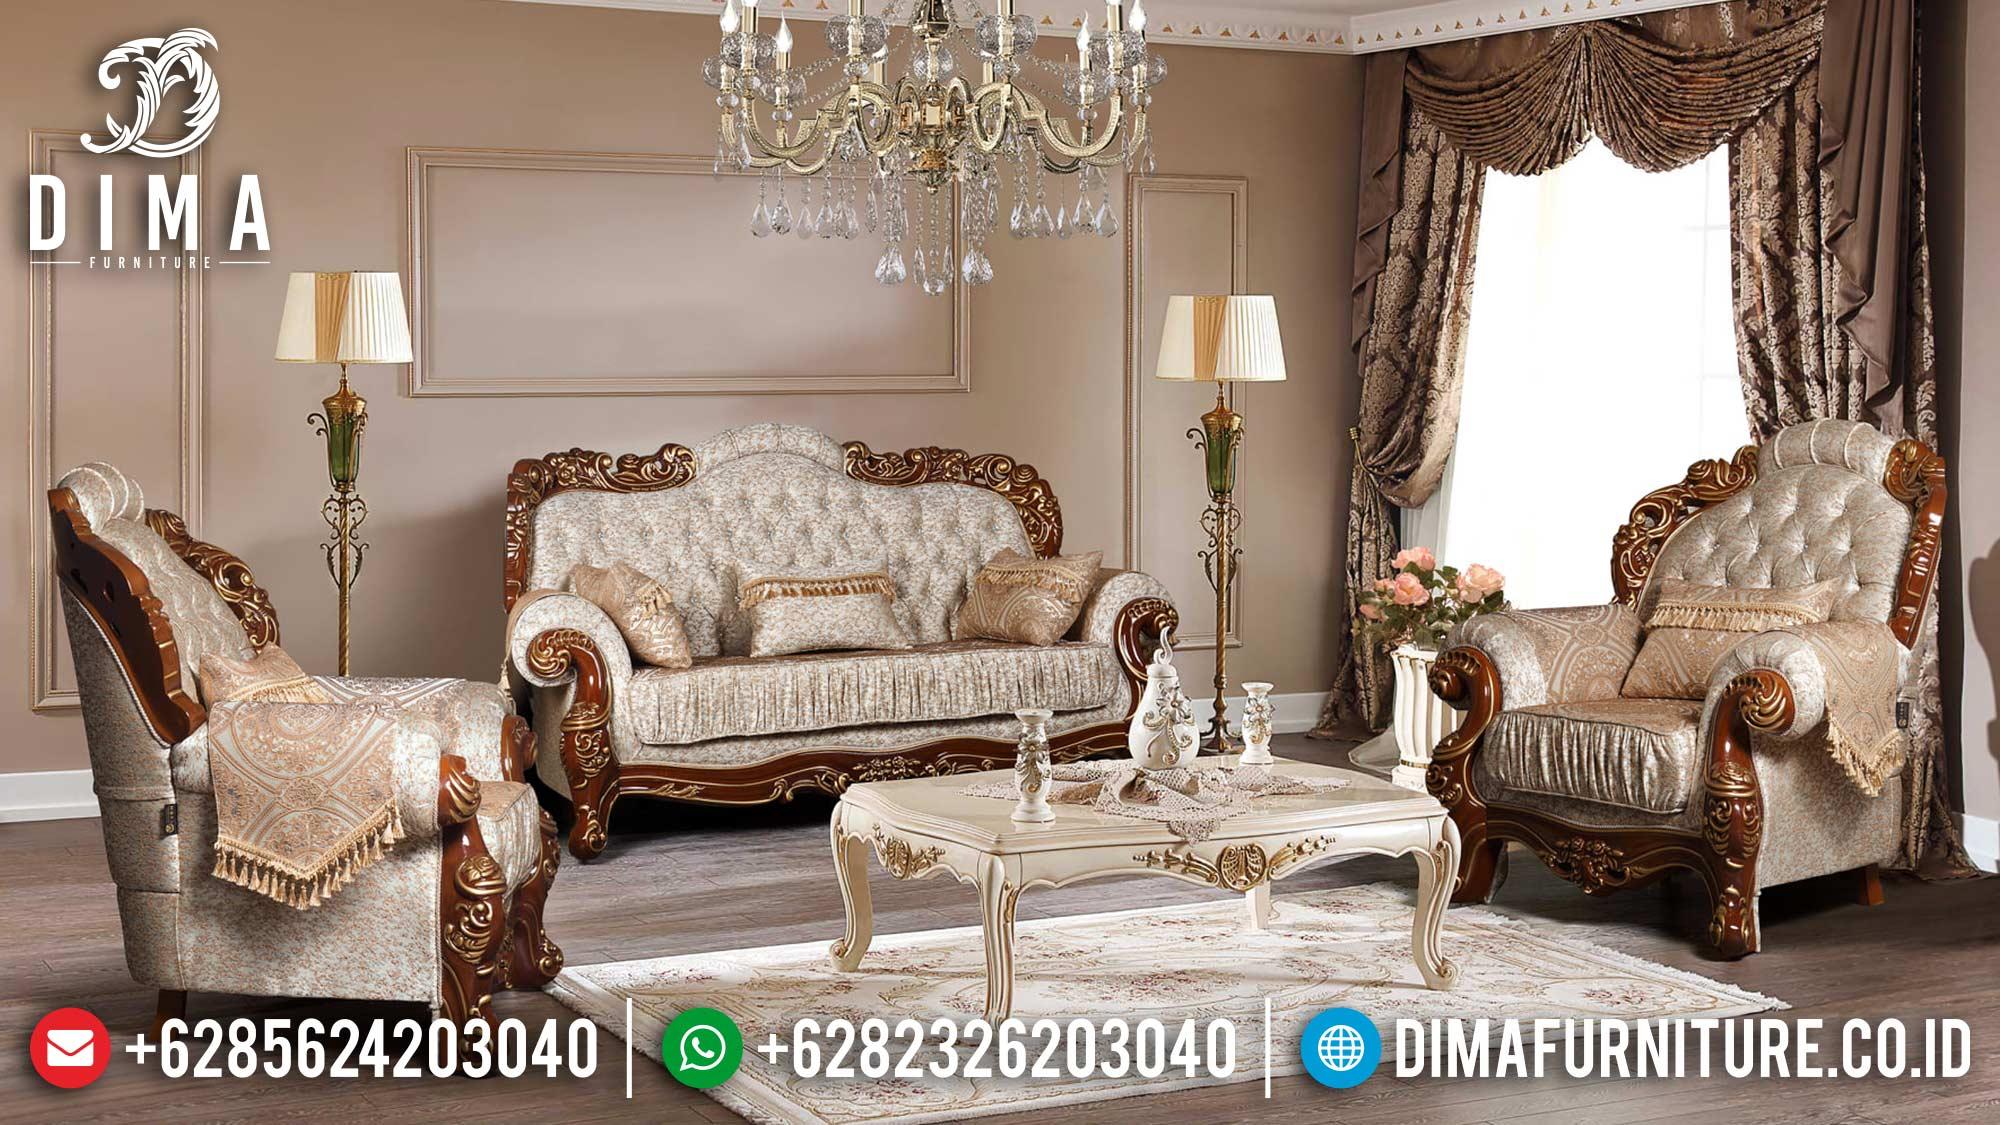 Harga Sofa Tamu Mewah Jepara Berukir Klasik Natural Gold Luxury DF-1501